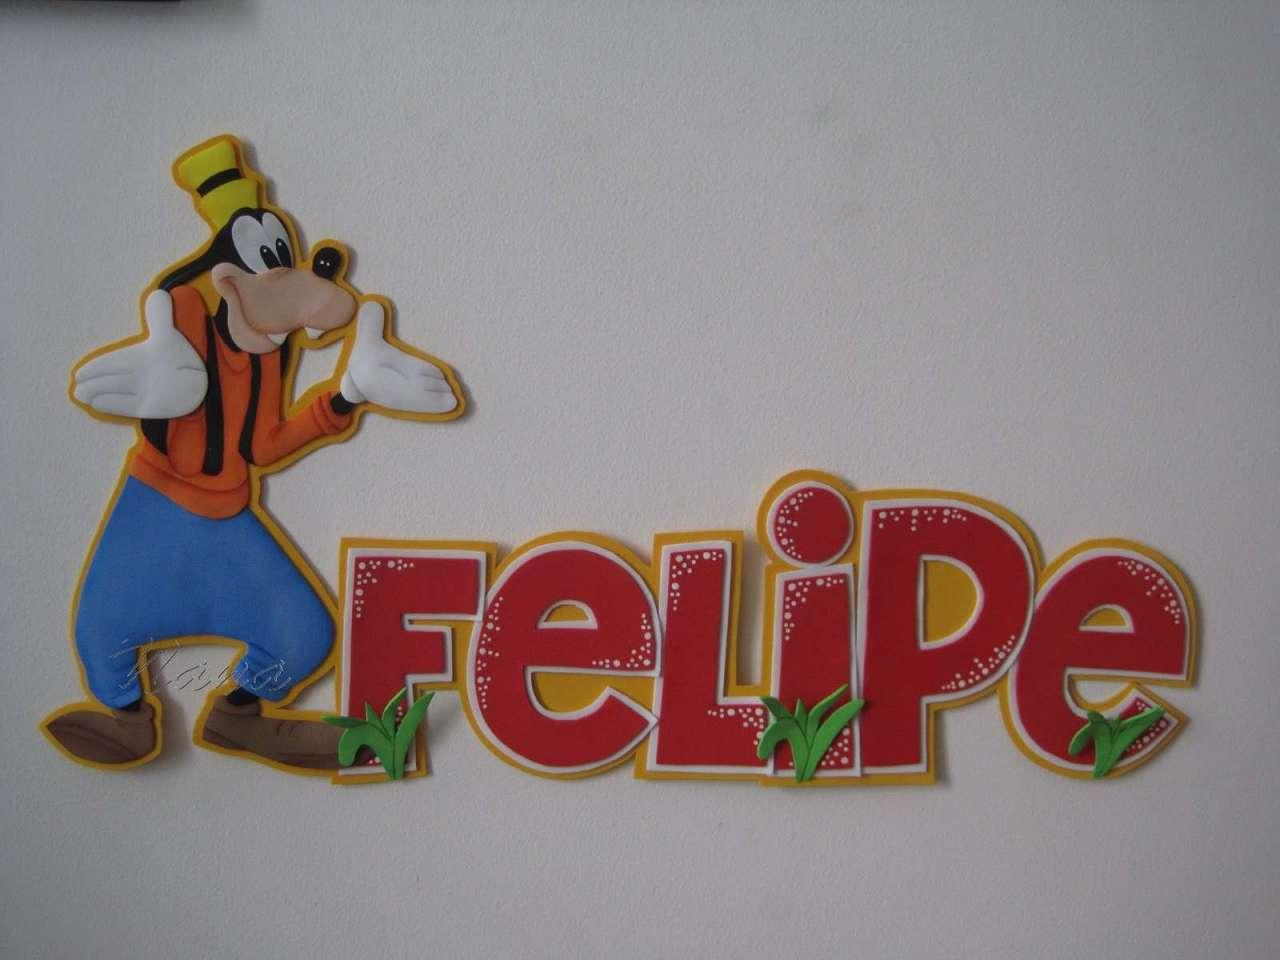 Felipe Goofy